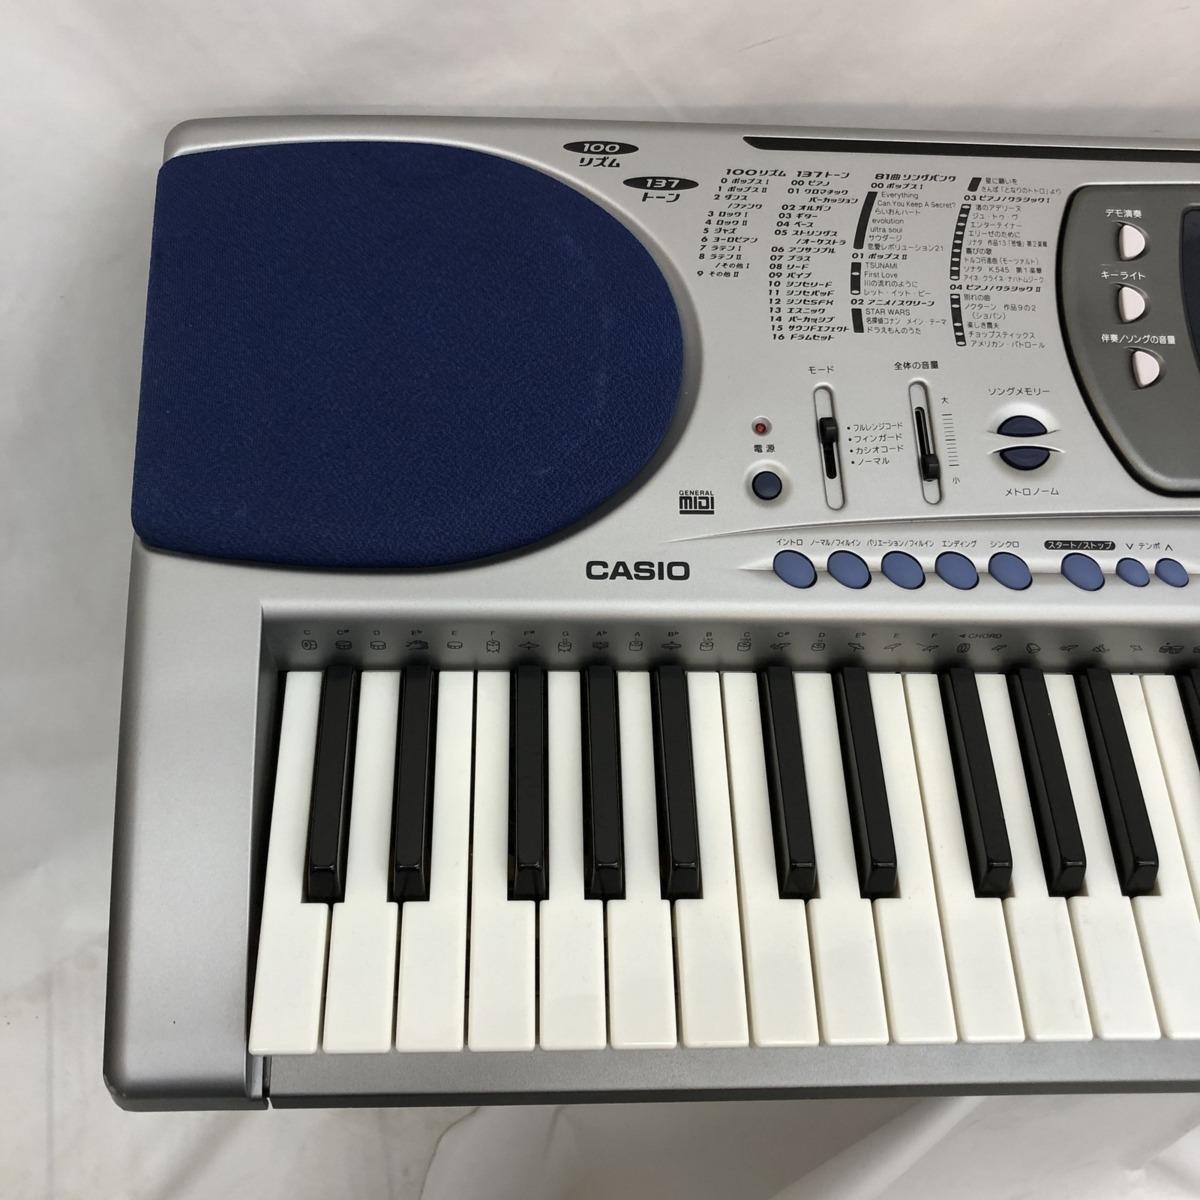 CASIO カシオ 電子キーボード LK-150 光ナビゲーション 61鍵盤 シルバー ブルー 電子ピアノ 鍵盤楽器 アダプター付き H15211_画像3